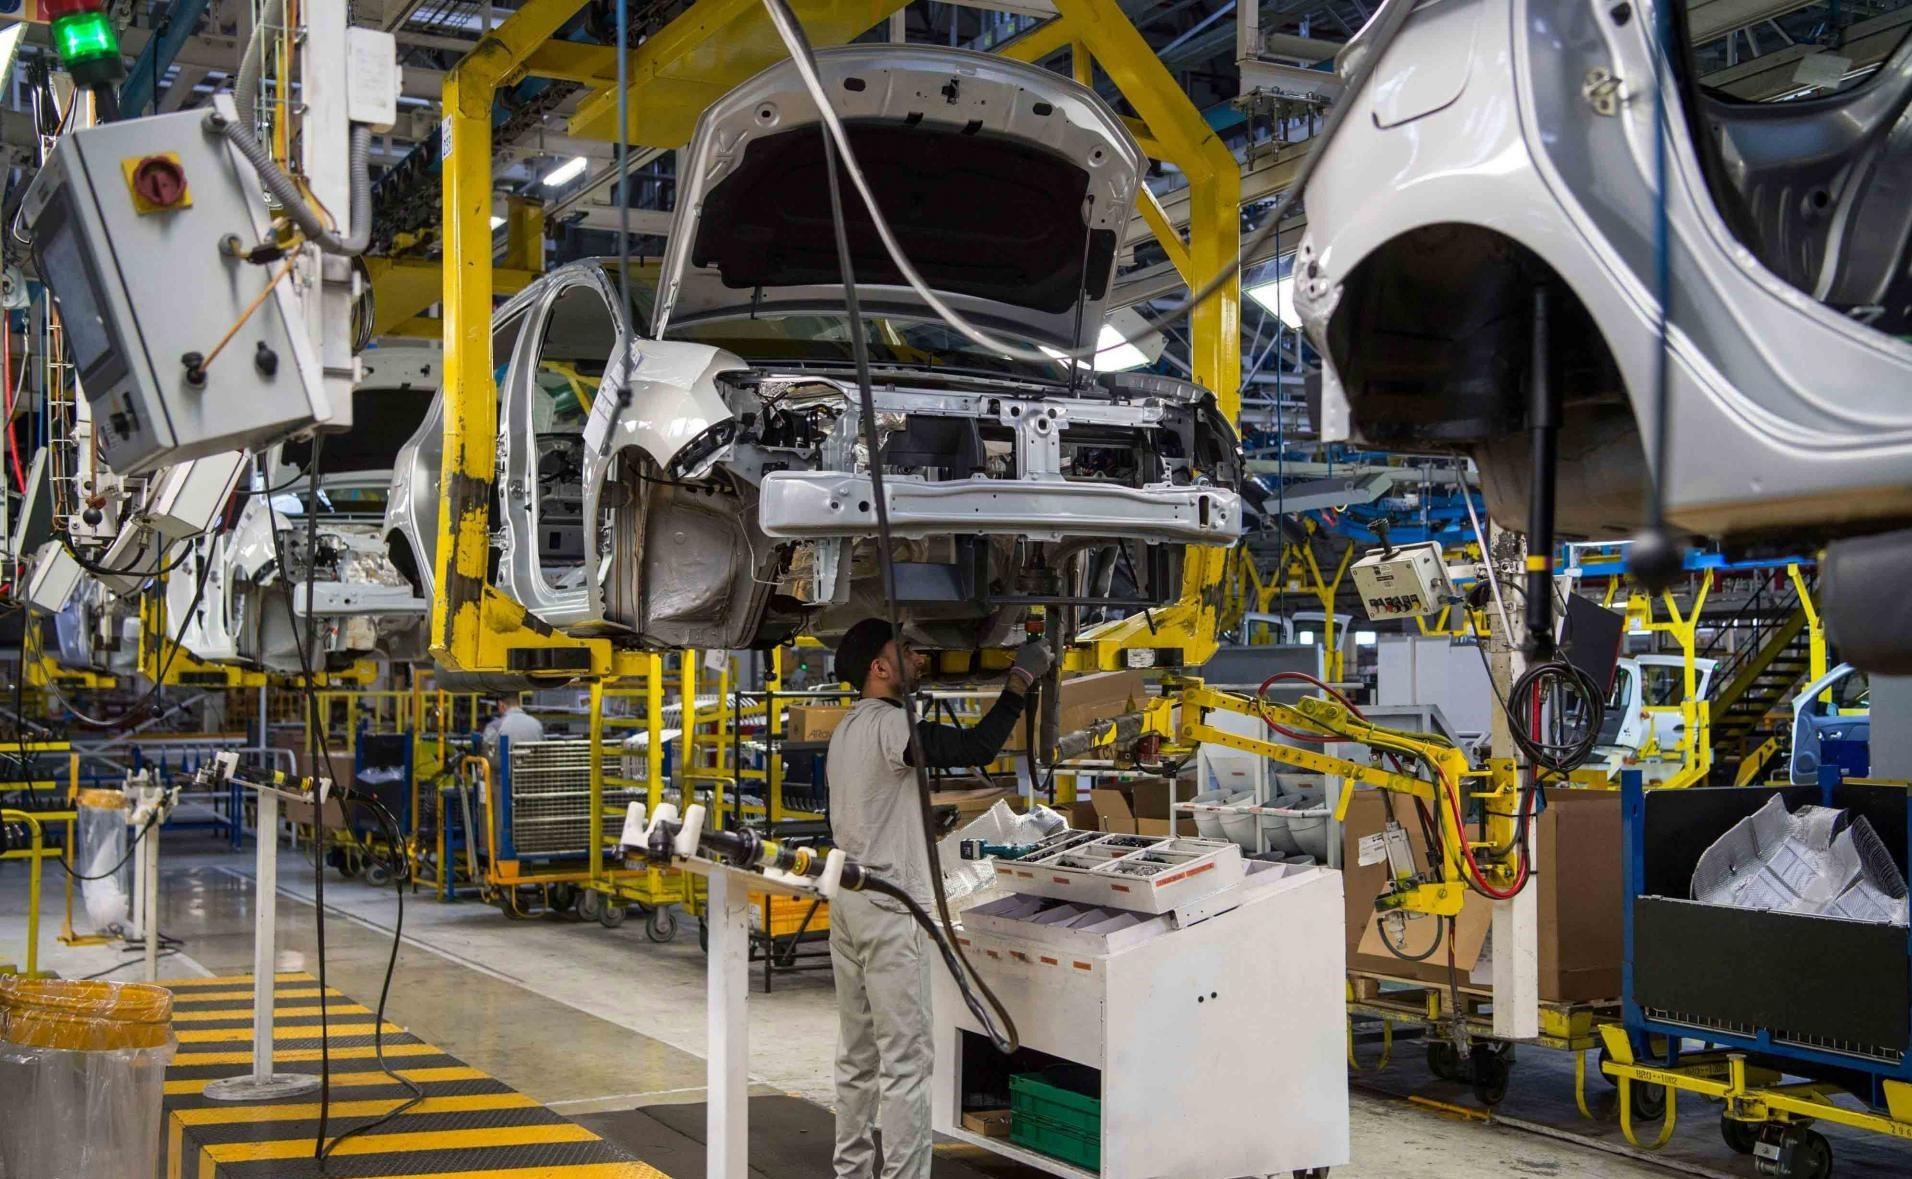 وزير الشغل : انخفاض معدل البطالة بنقطة مائوية واحدة خلال السنتين الماضيتين